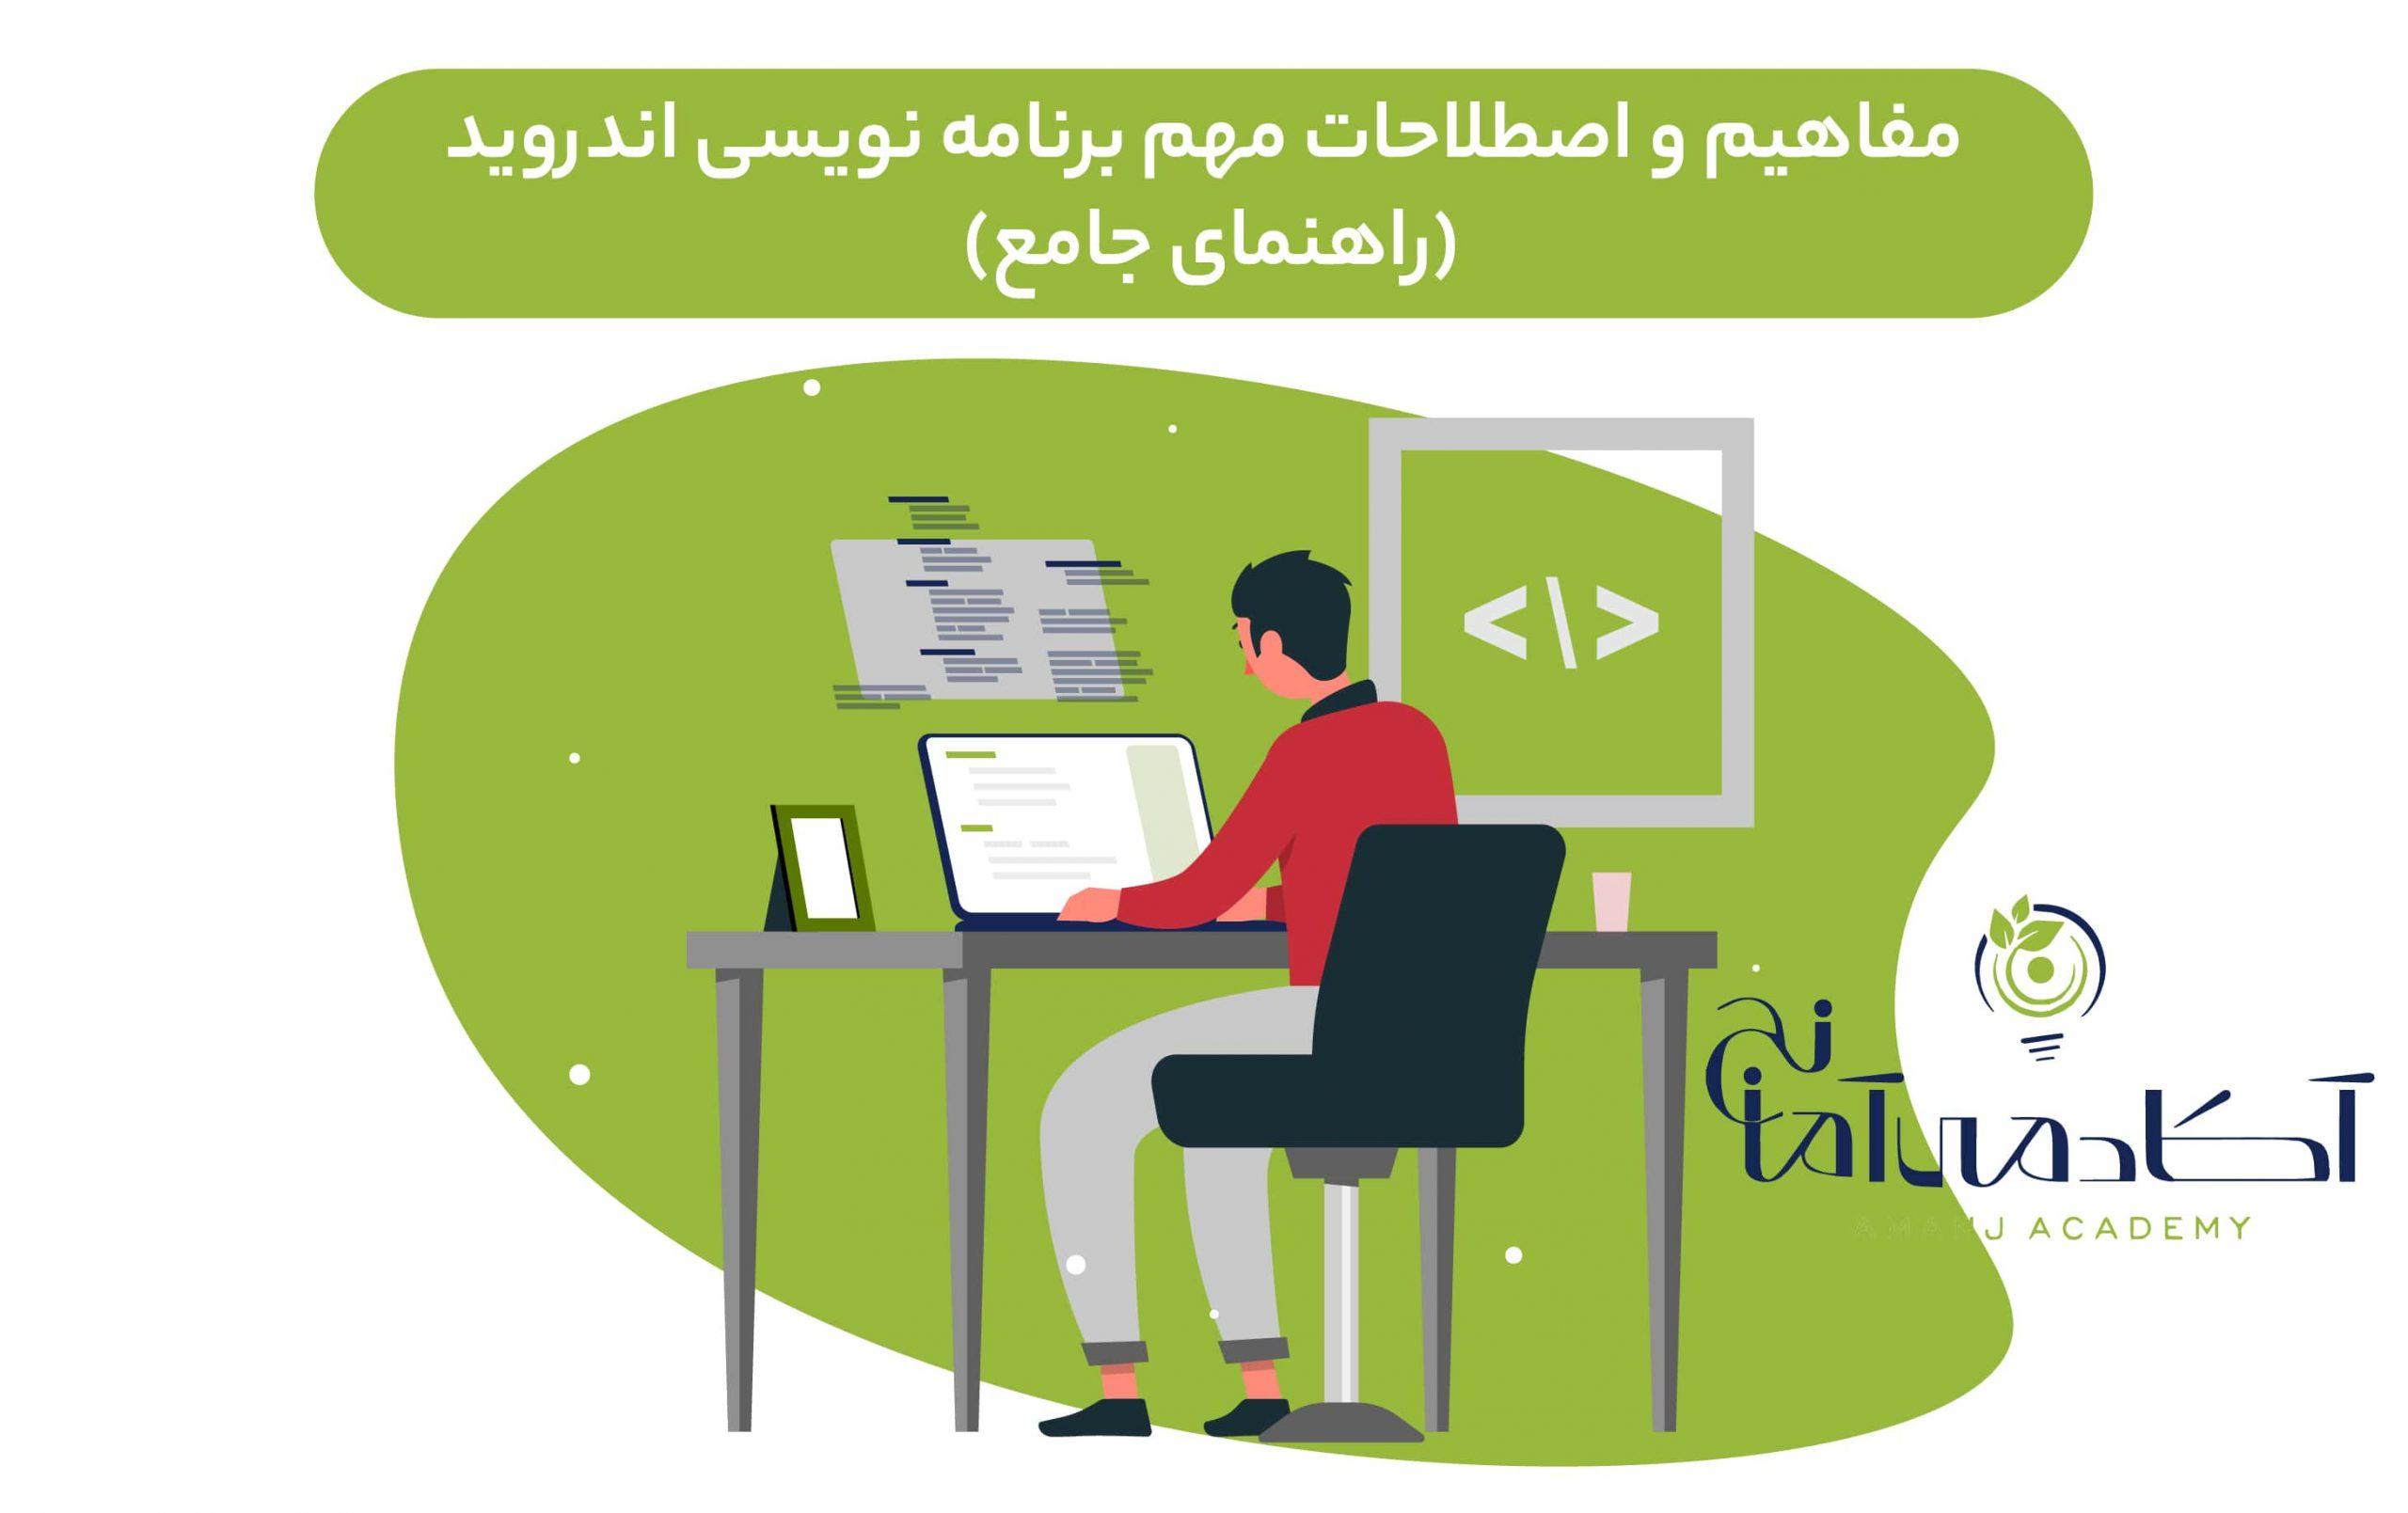 مفاهیم یادگیری برنامه نویسی اندروید